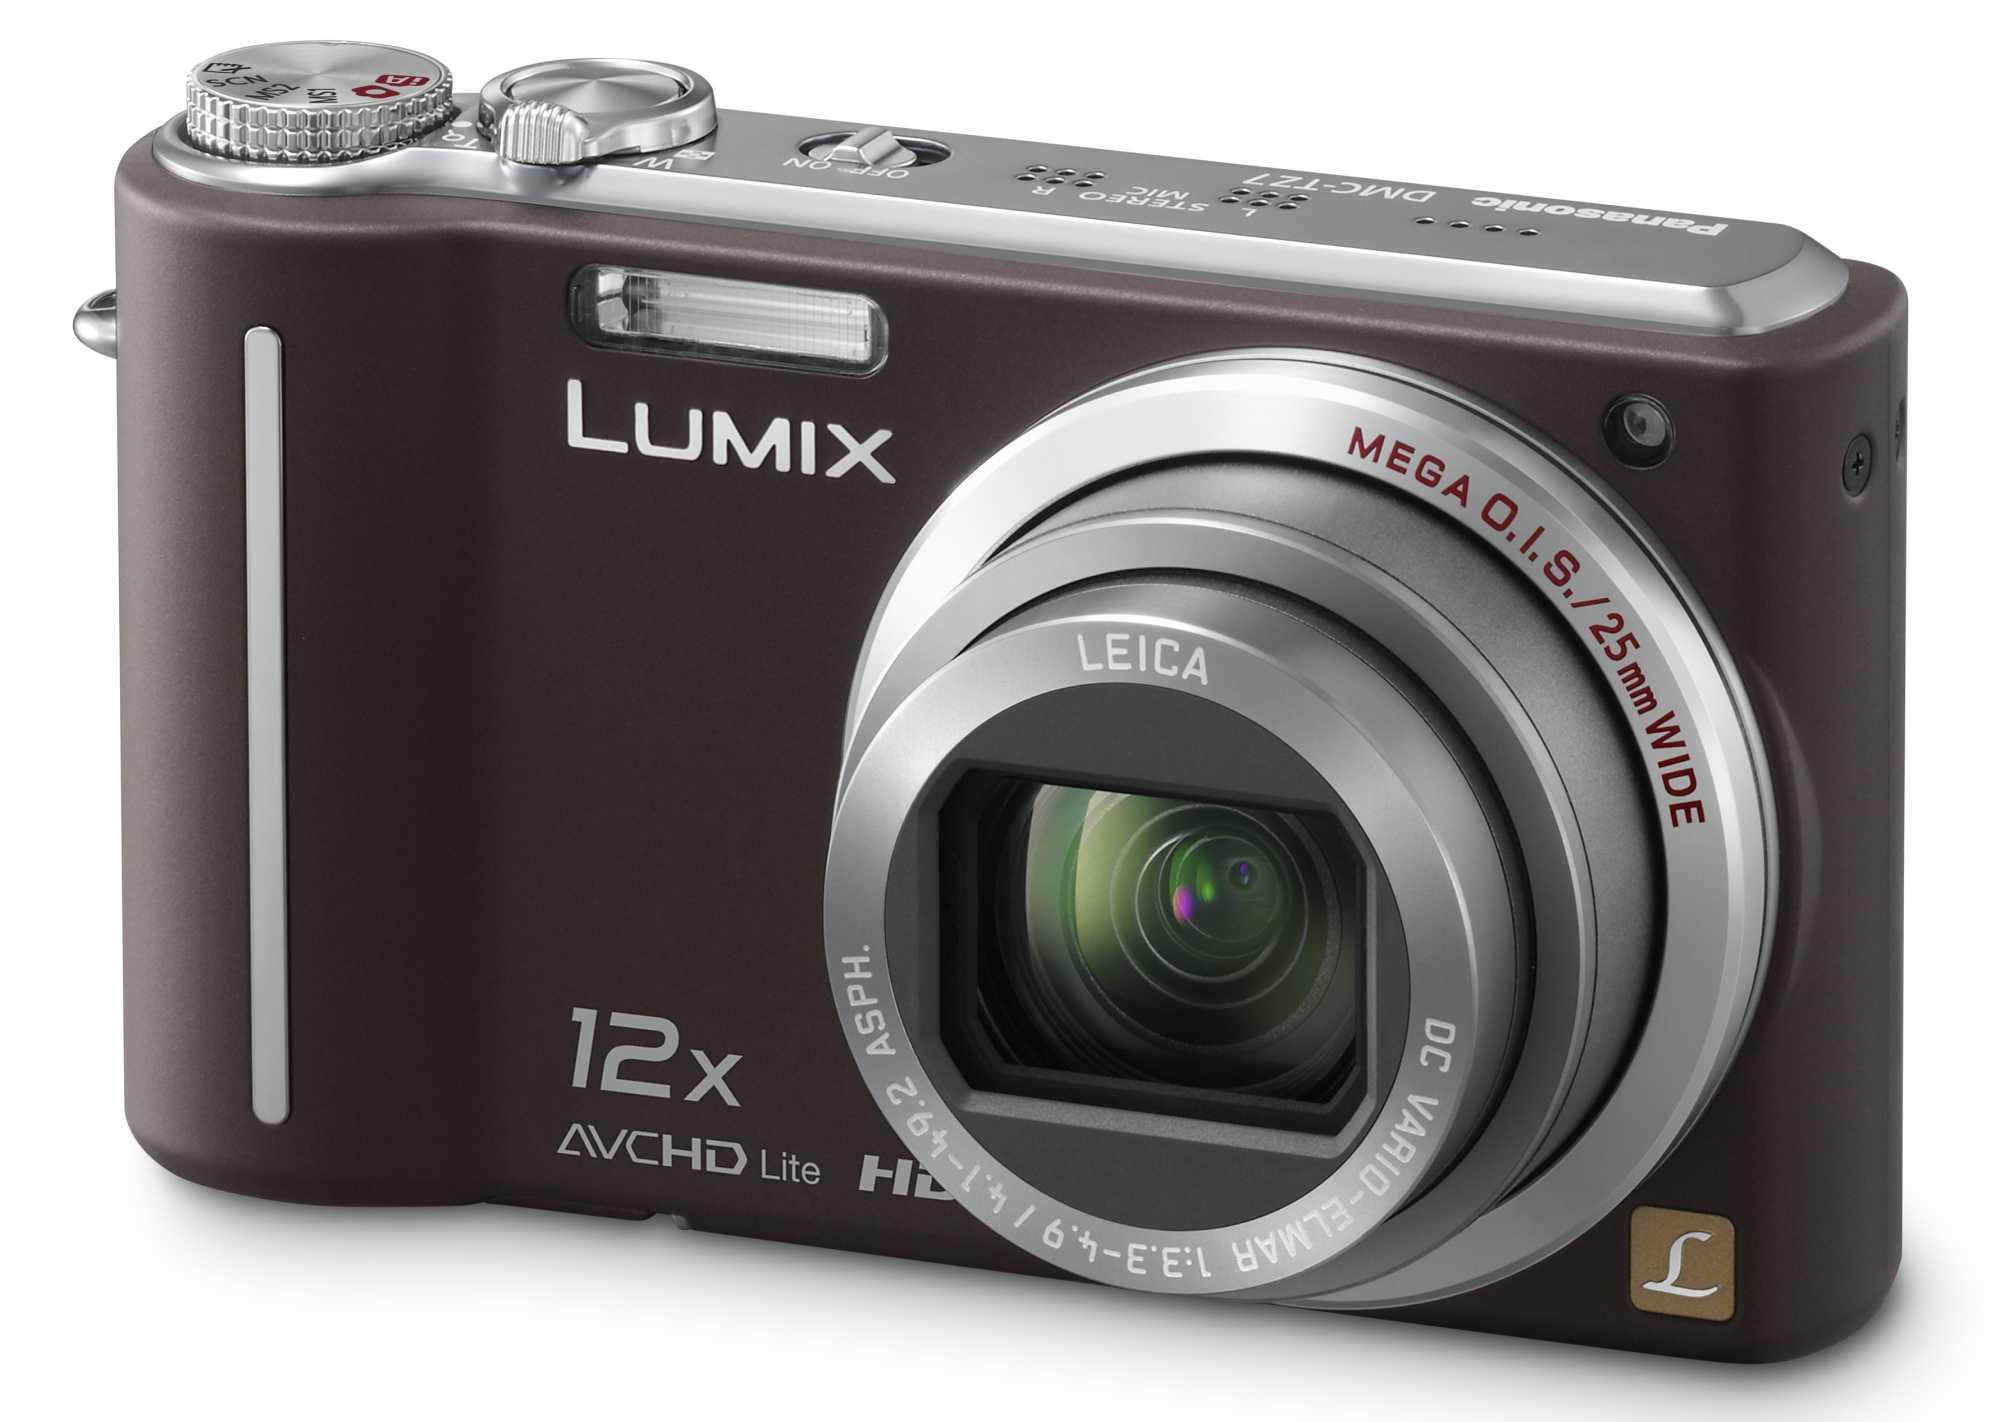 Die neue Lumix DMC-TZ7 mit AVCHD-Videomodus.